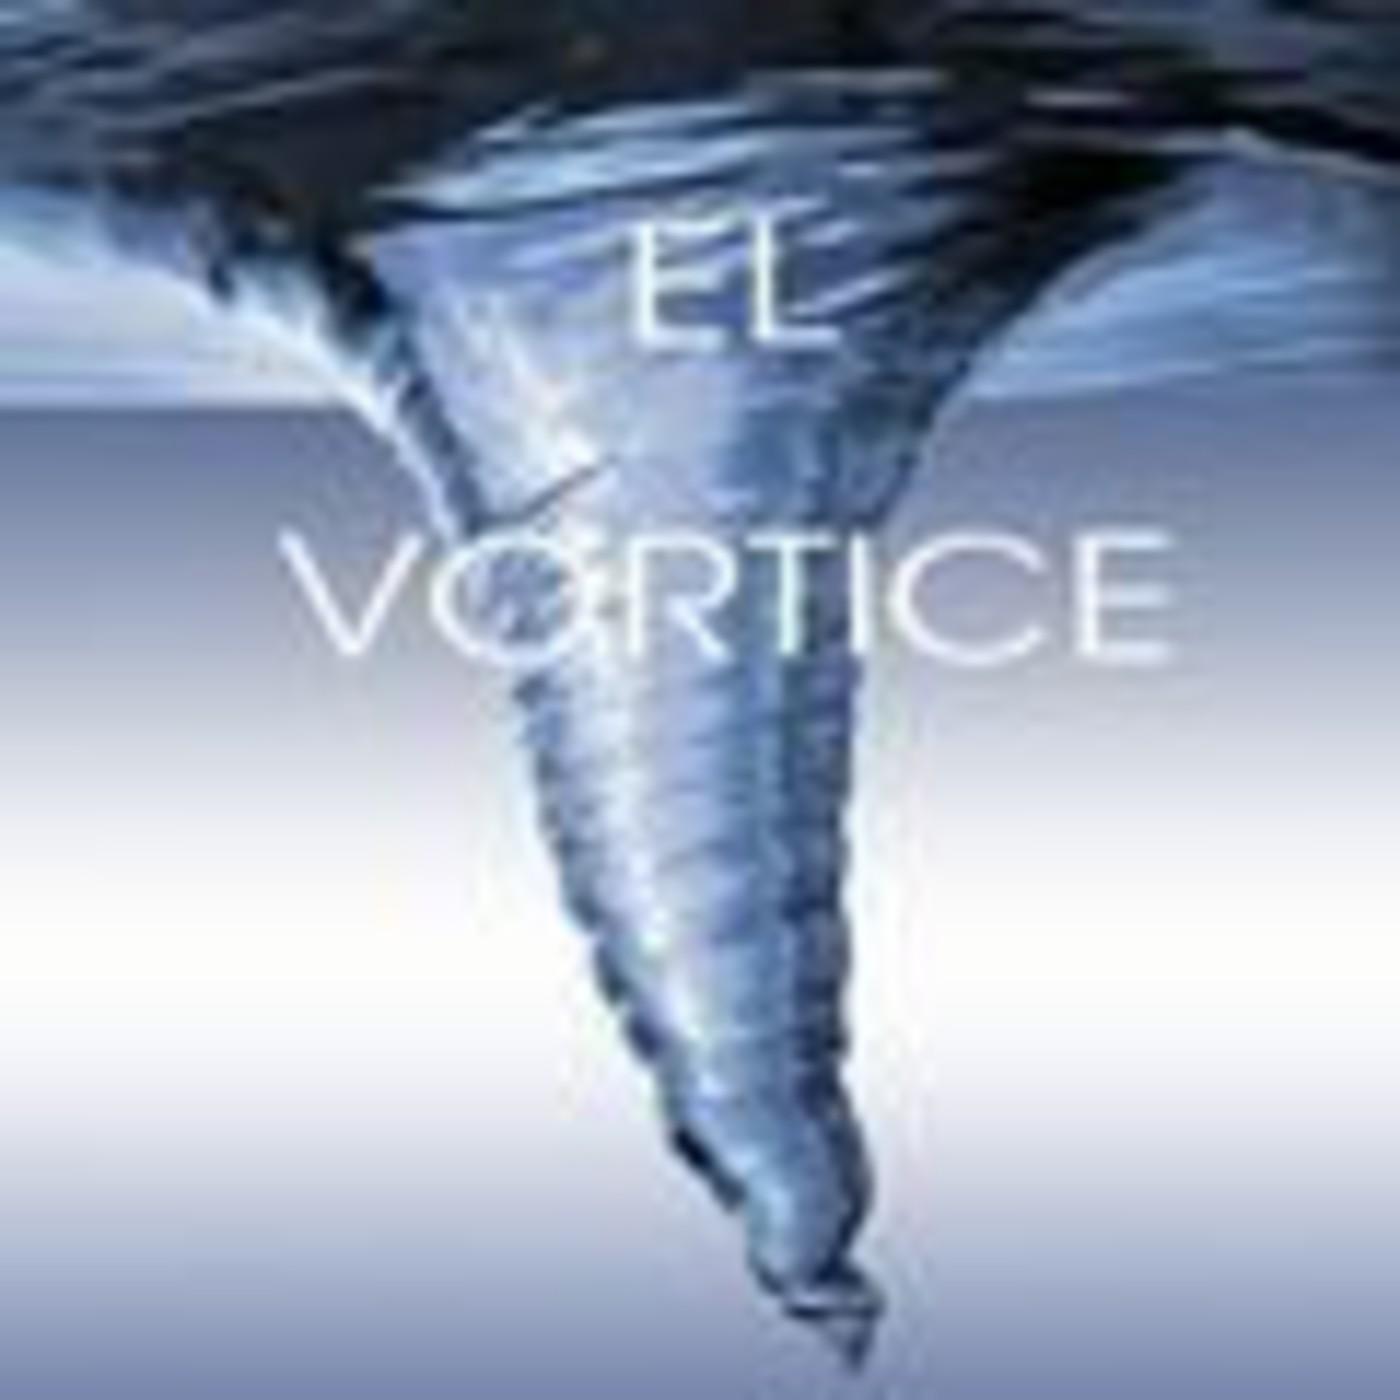 El Vortice - Union Madrid